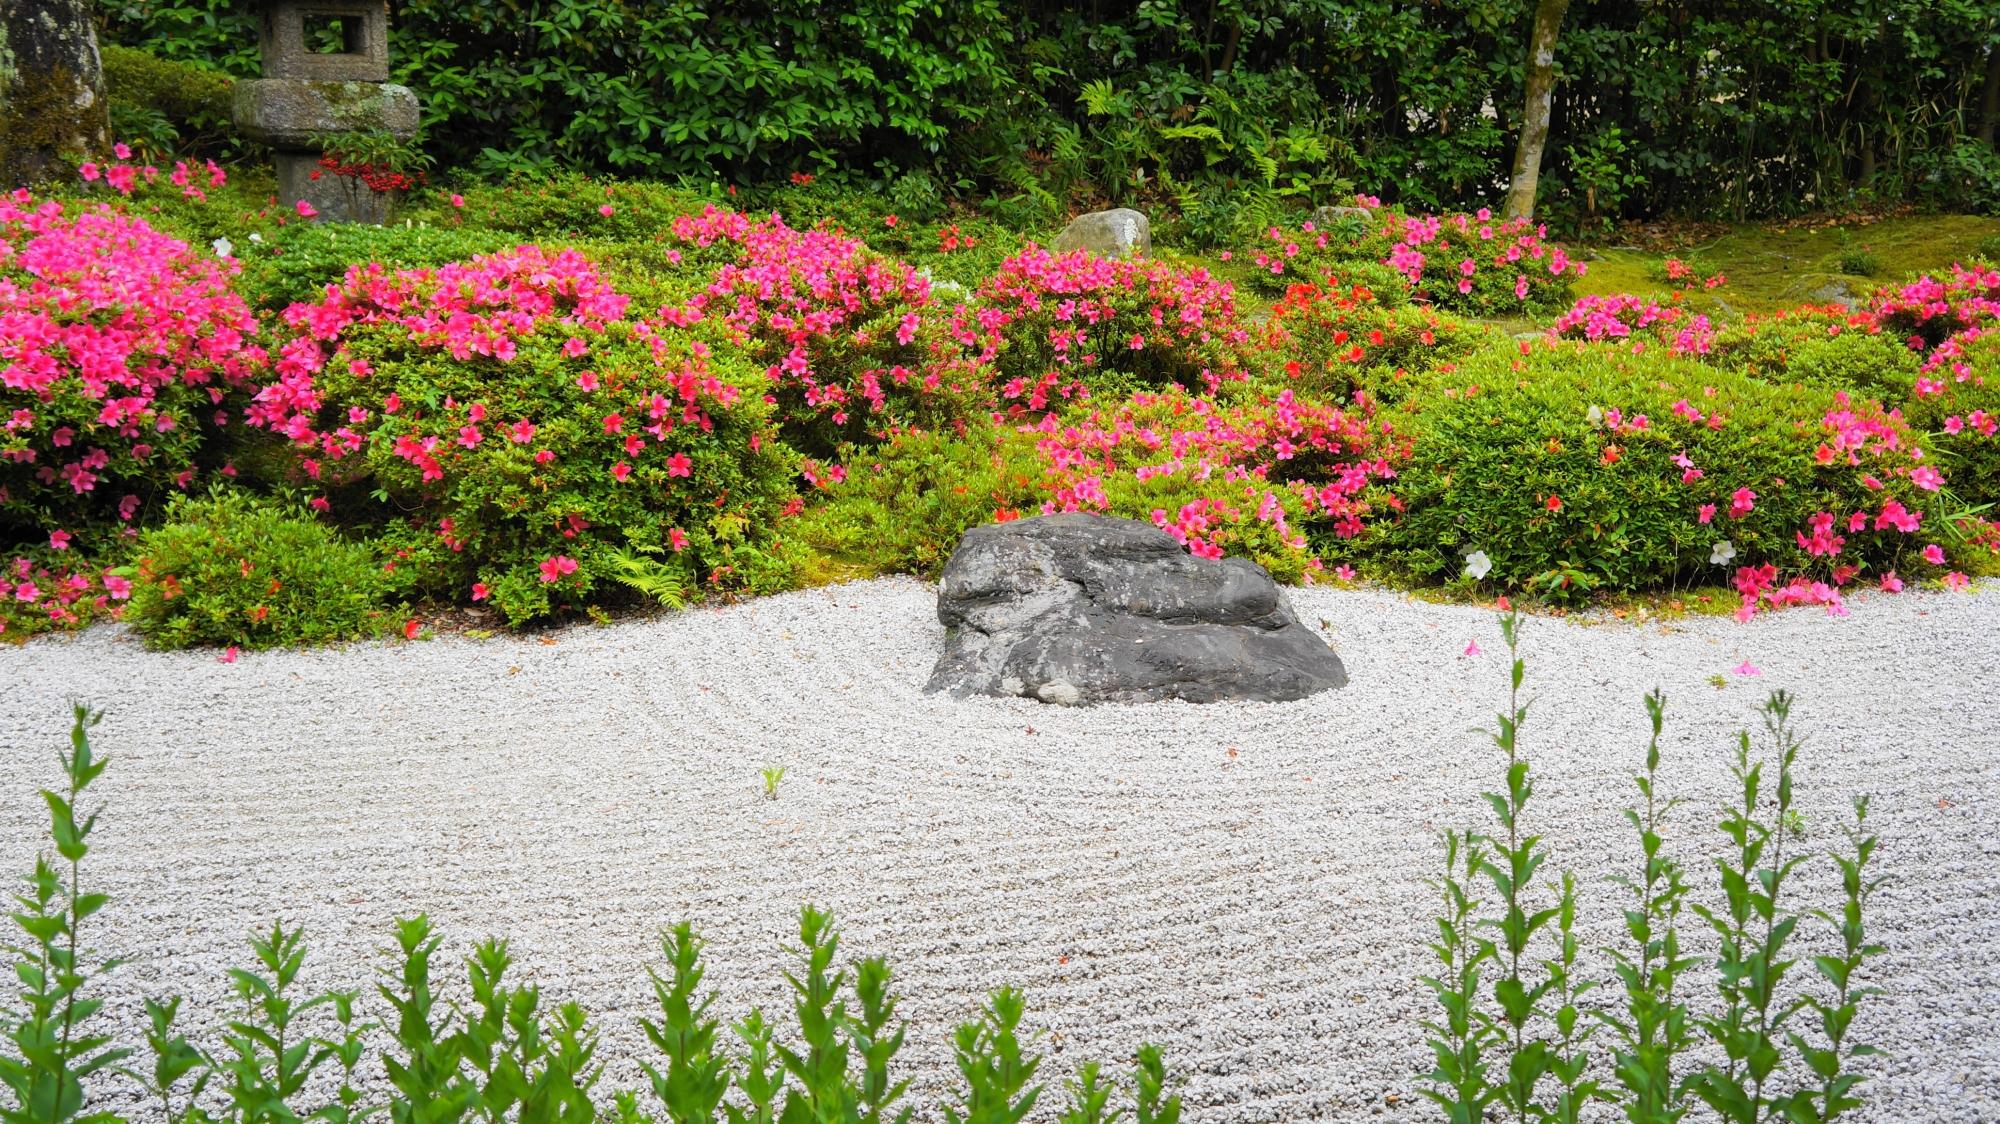 白砂と岩を華やぐ鮮やかなピンクのサツキの花